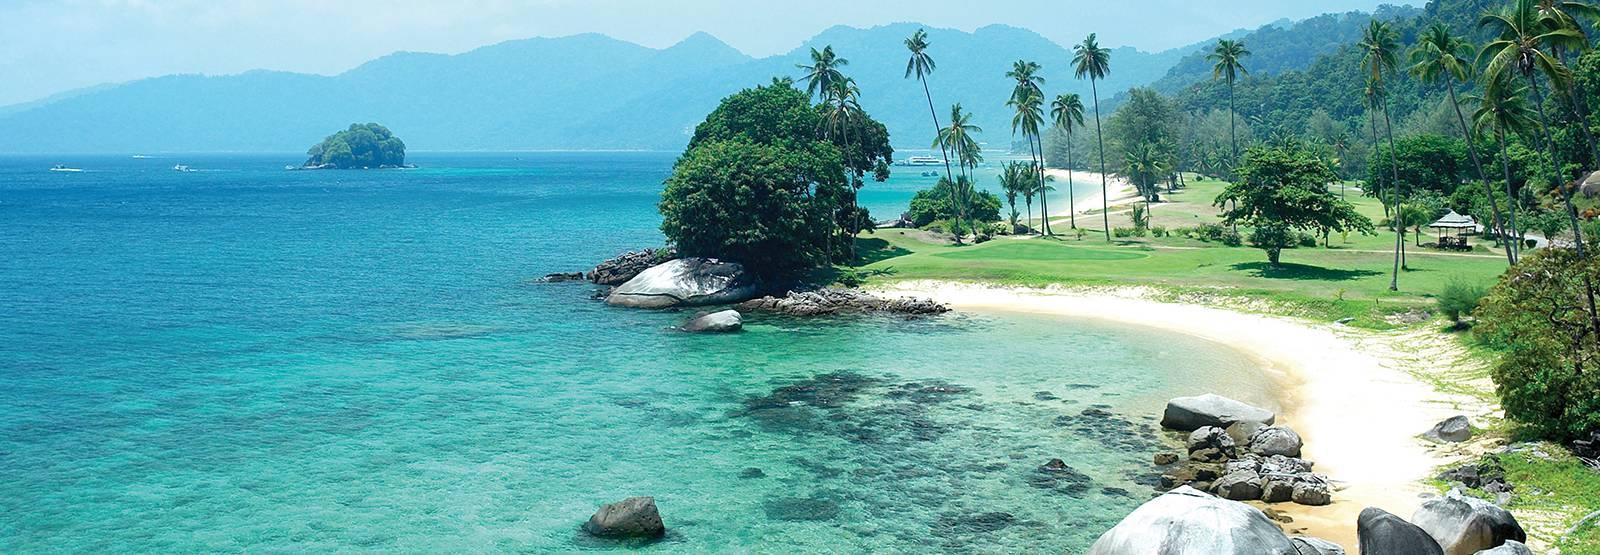 جزیره ی تیومان مالزی بهشت روی زمین